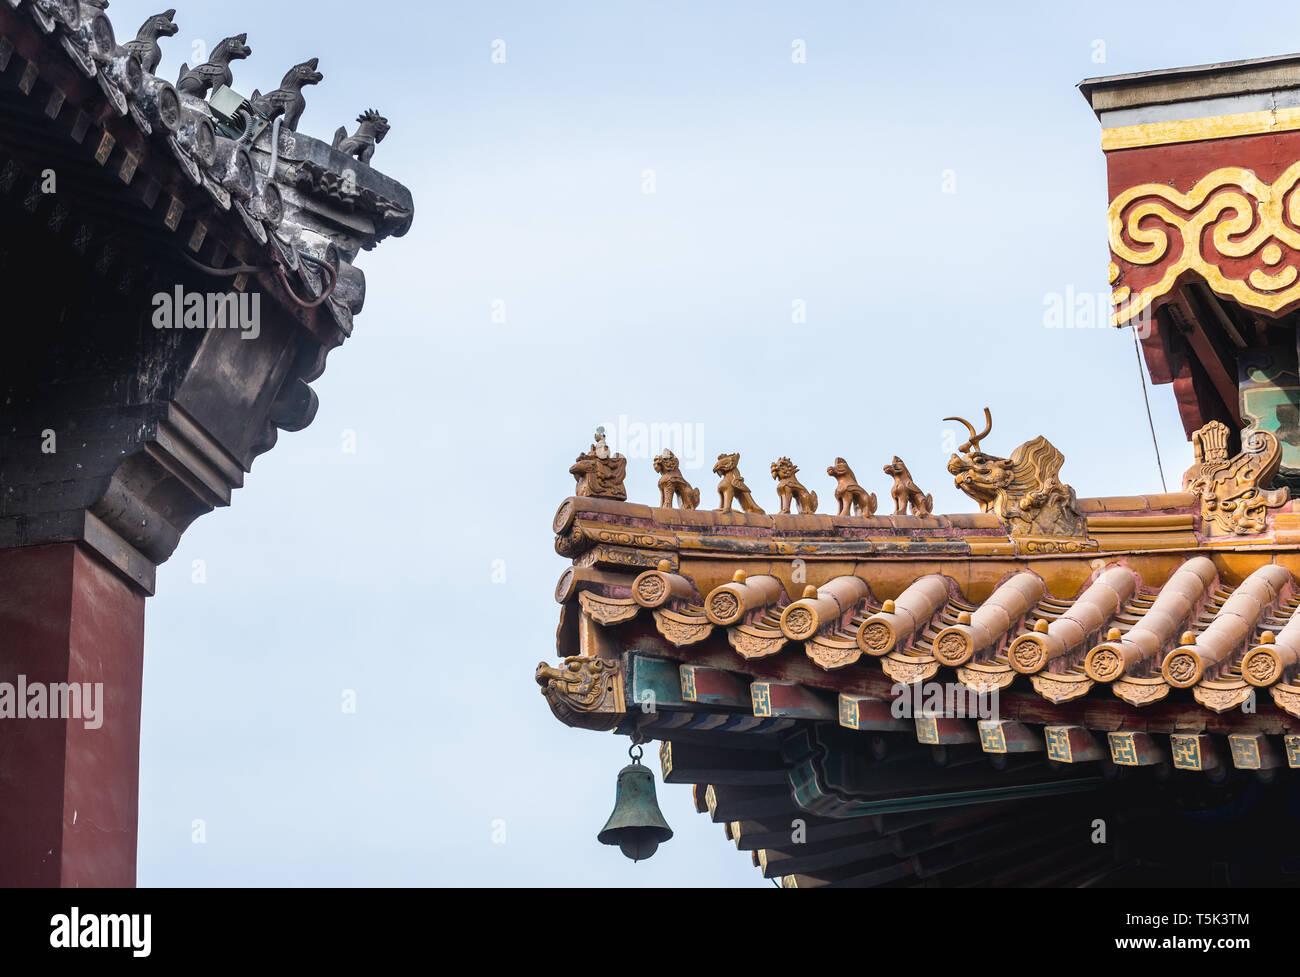 Detalles en el techo del templo Yonghe también llamado Templo Lama de la escuela Gelug del budismo tibetano en Dongcheng District, Beijing, China Foto de stock